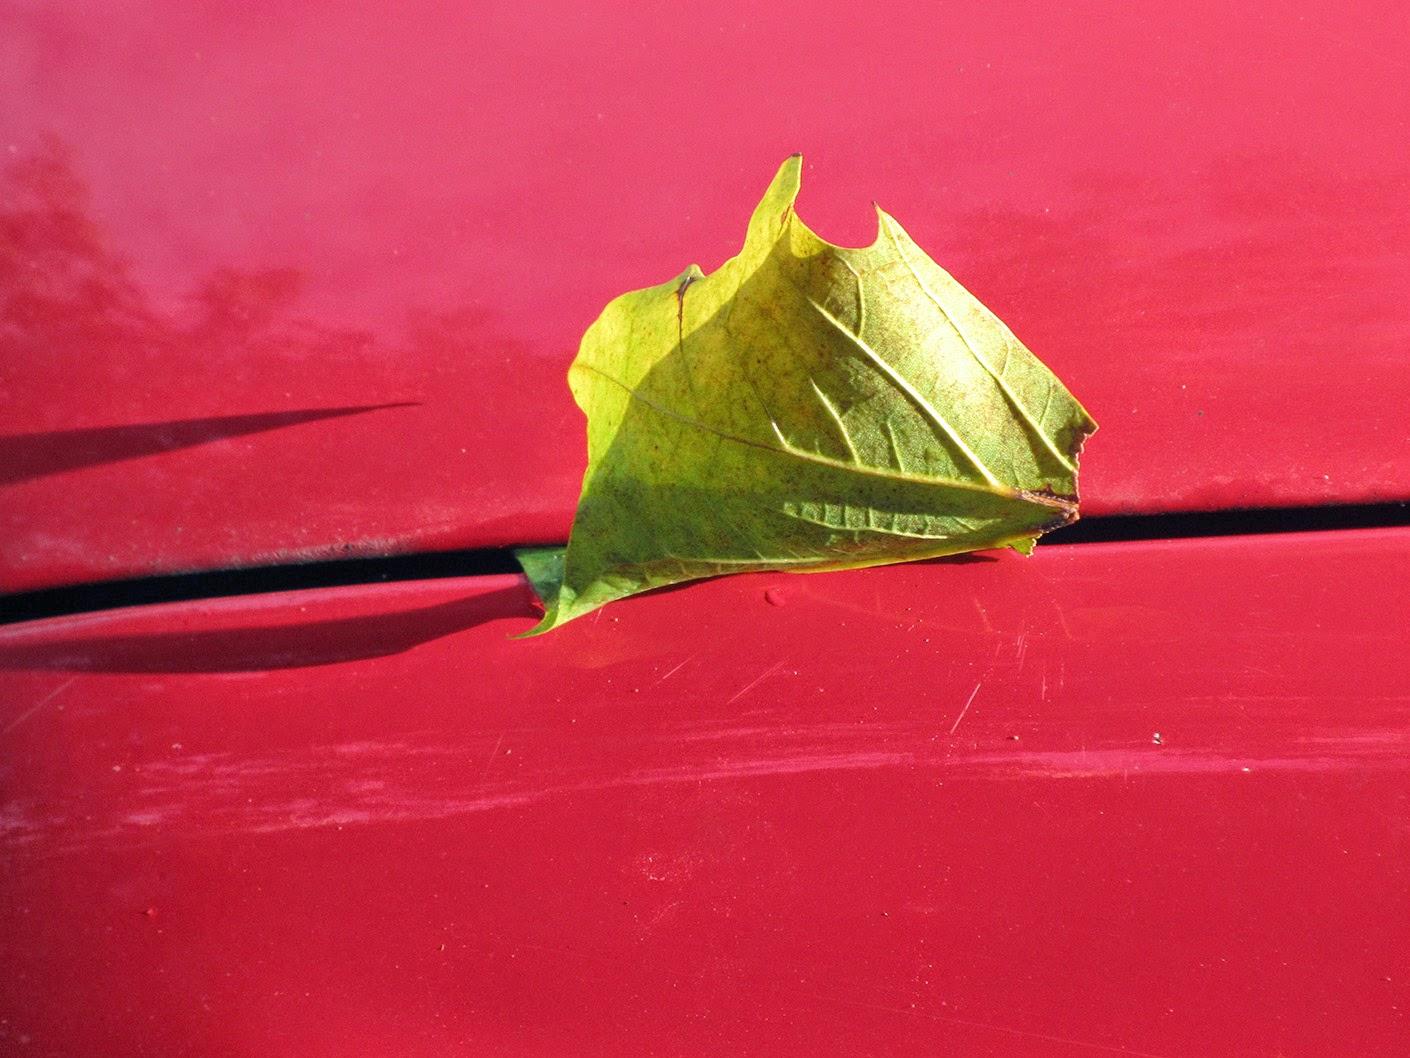 leaf on a red car